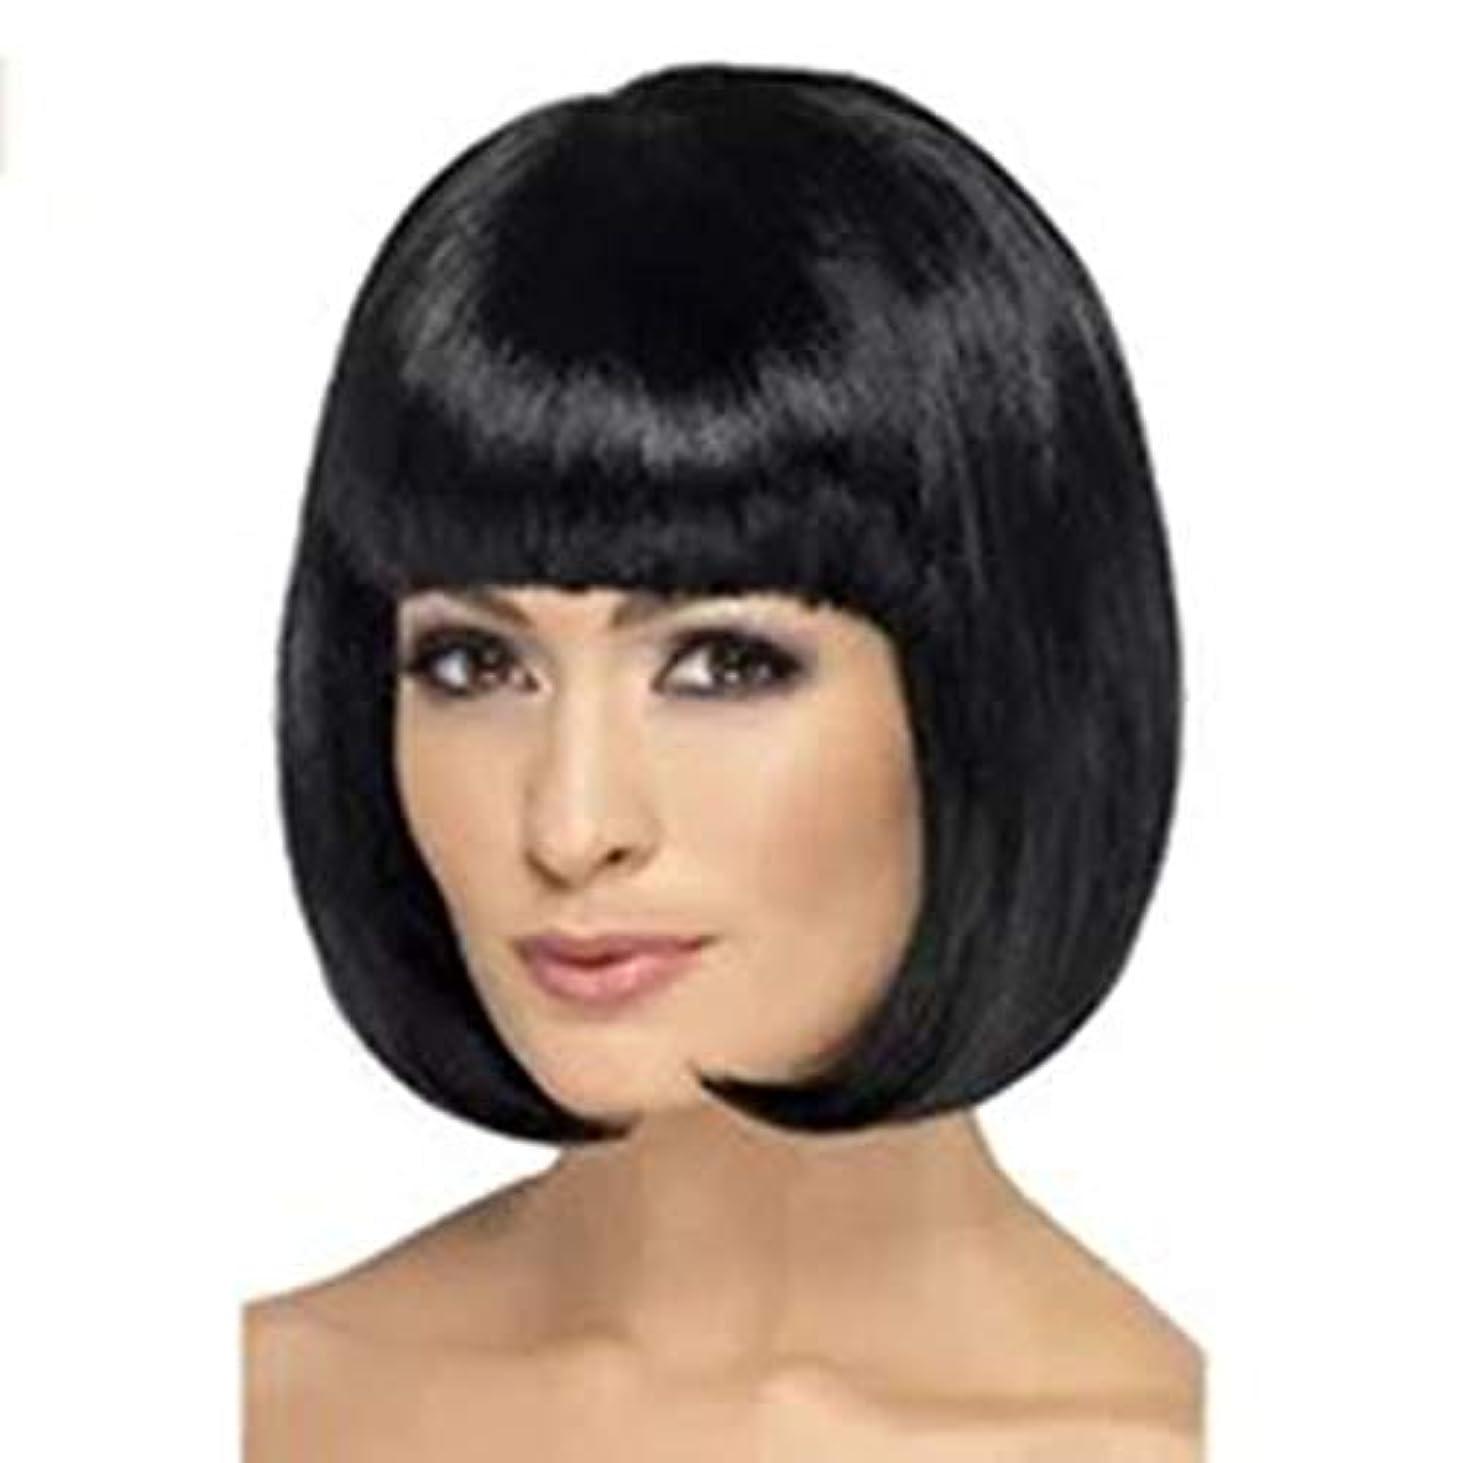 うっかり著者神学校Kerwinner ボブかつら女性のための平らな前髪ふわふわ自然耐熱交換かつら完全な合成かつら